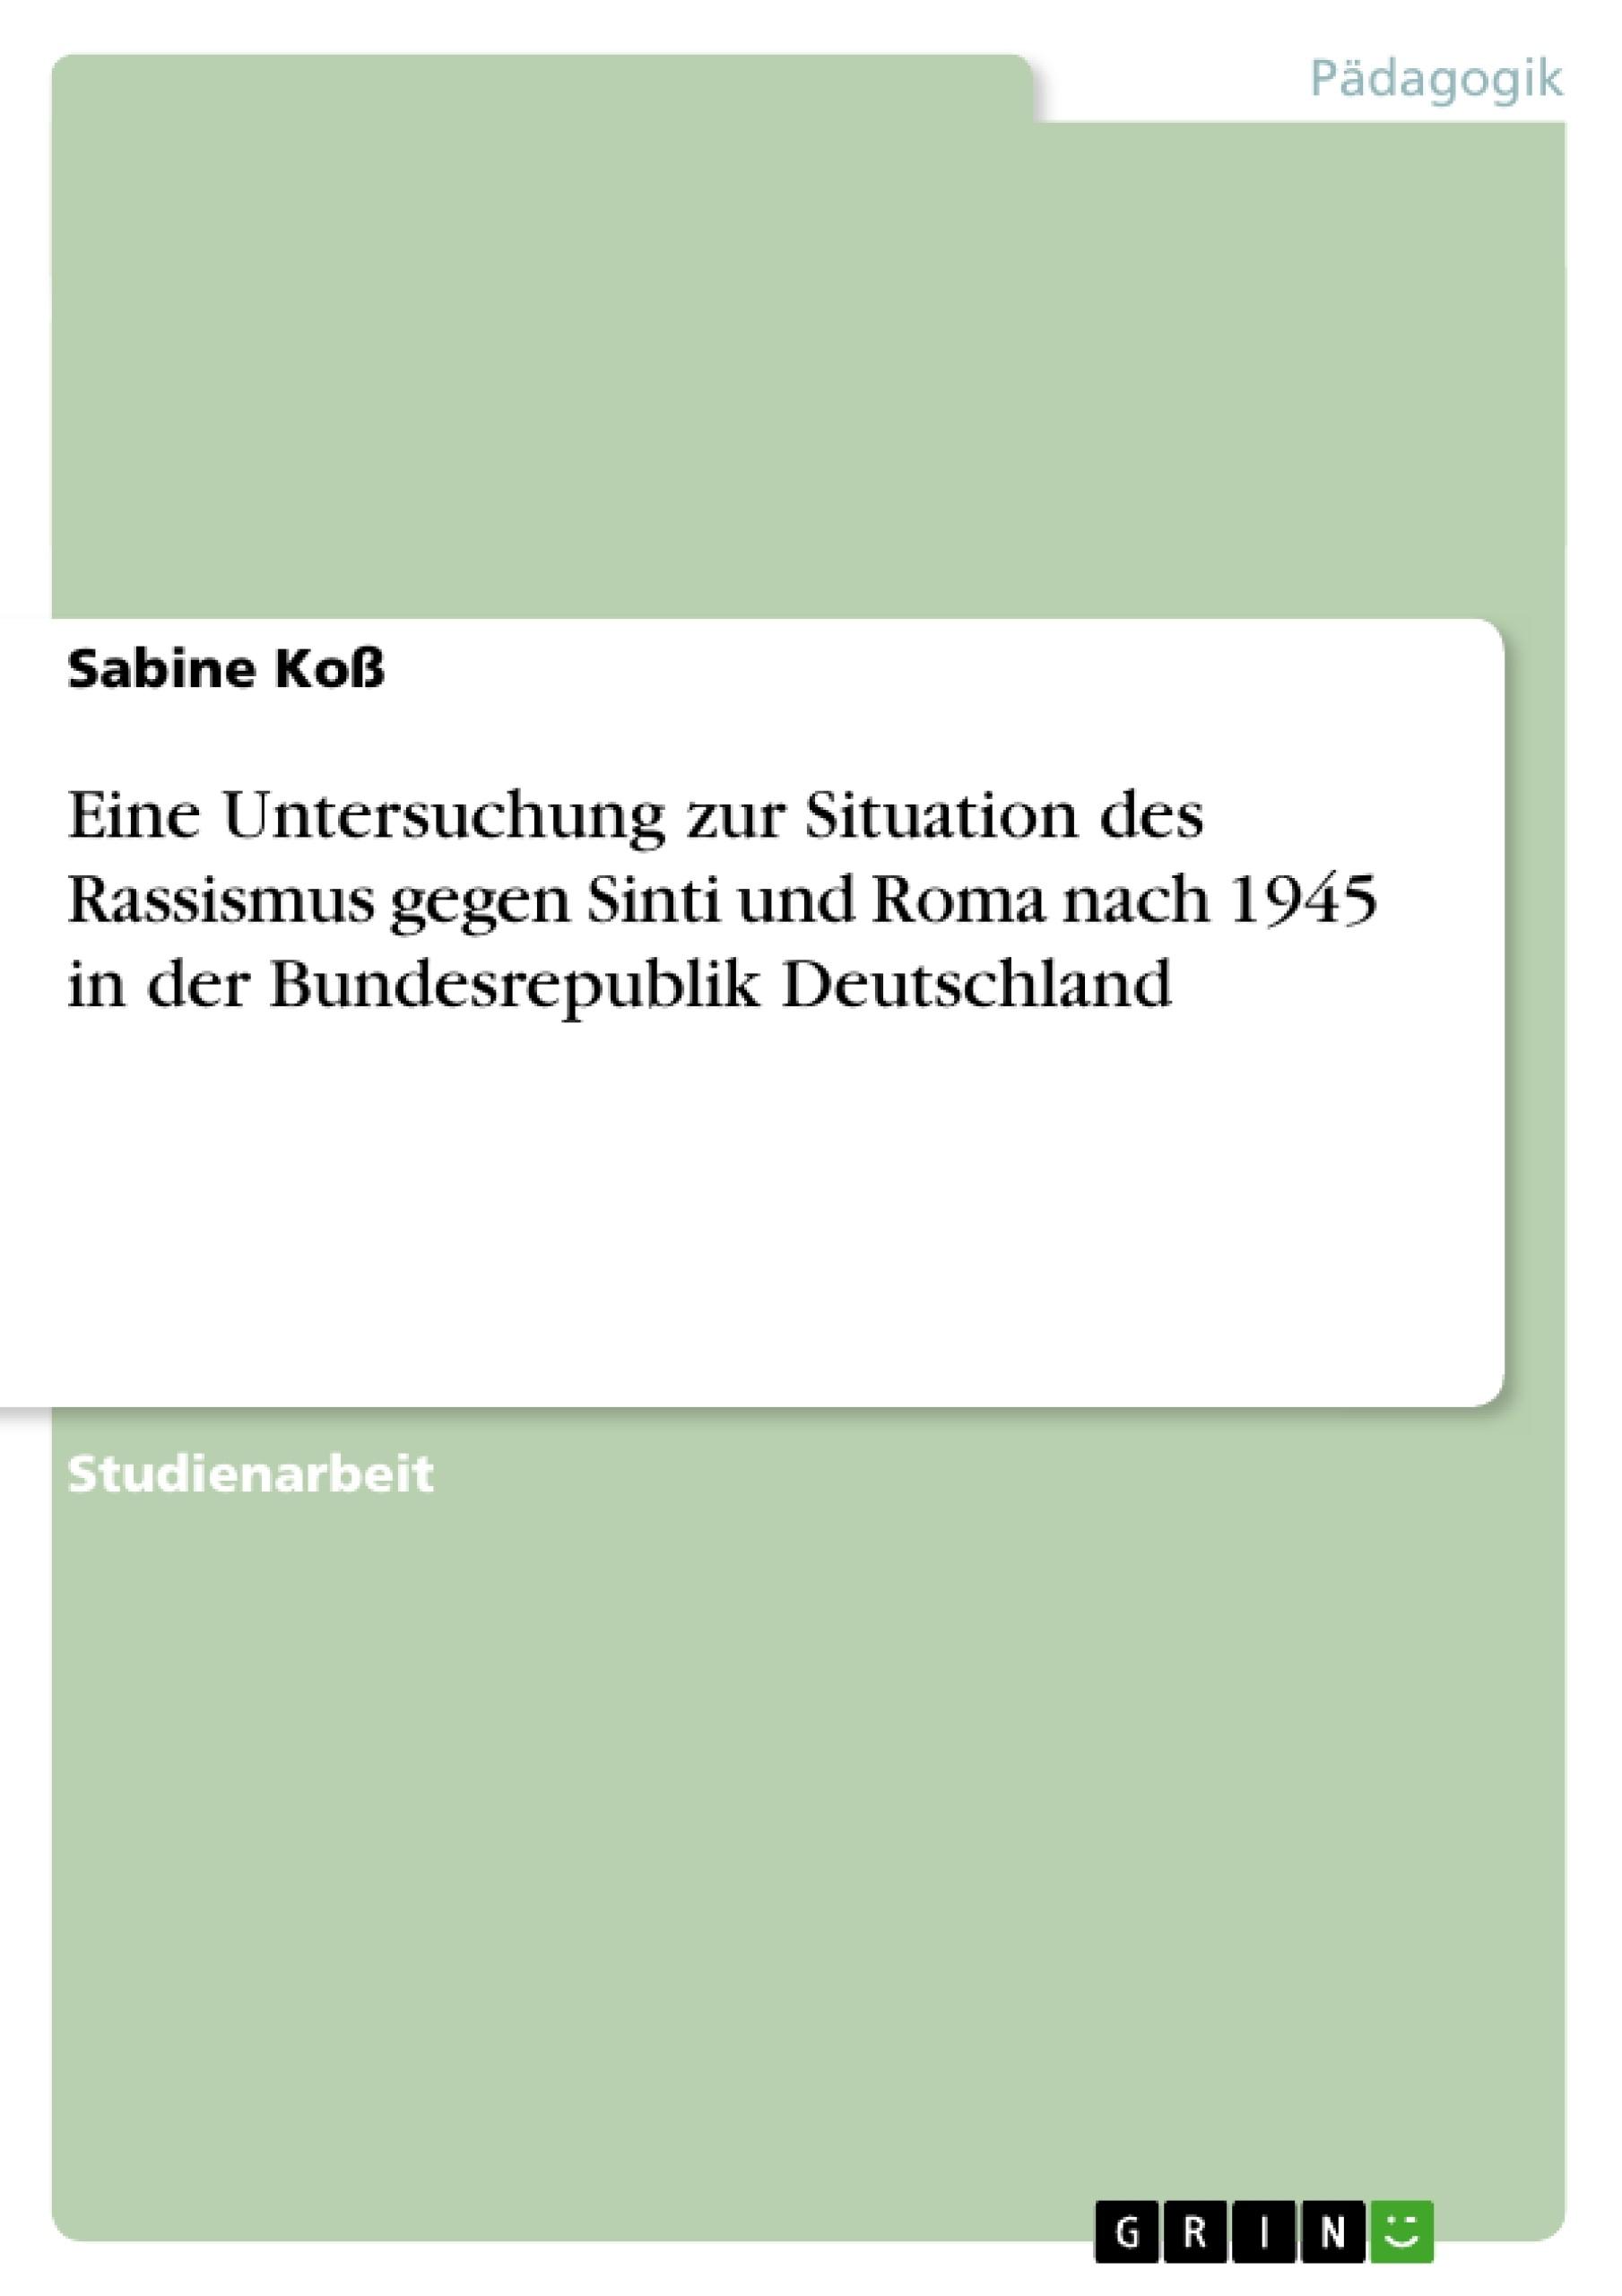 Titel: Eine Untersuchung zur Situation des Rassismus gegen Sinti und Roma nach 1945 in der Bundesrepublik Deutschland